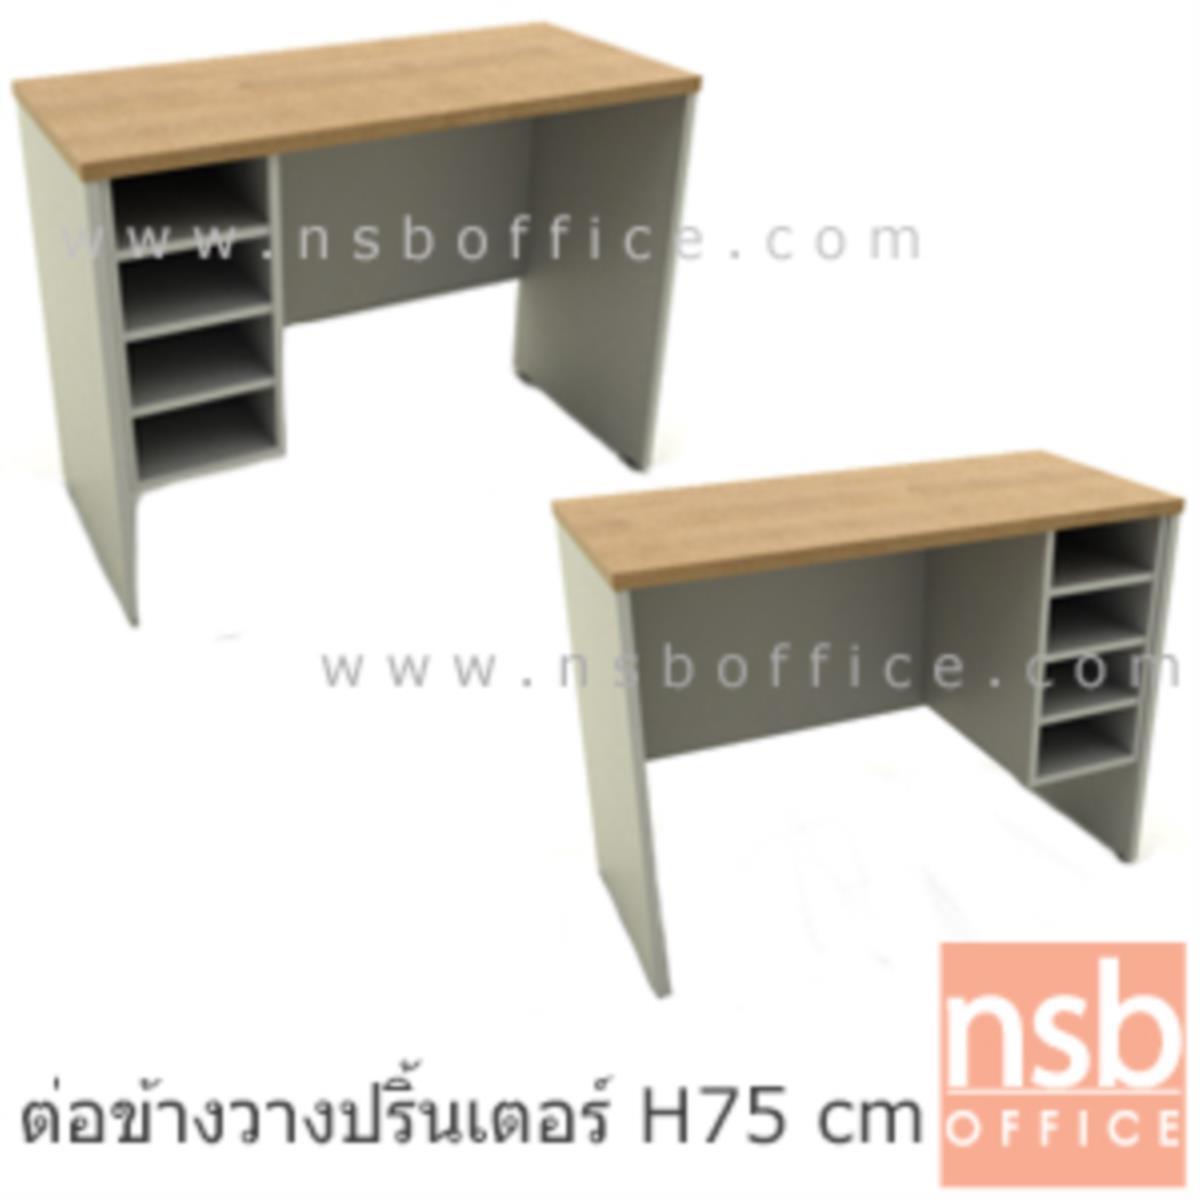 โต๊ะวางปริ้นเตอร์ 4 ช่องโล่ง  รุ่น Marshall (มาร์แชลล์)  สูงเสมอโต๊ะ